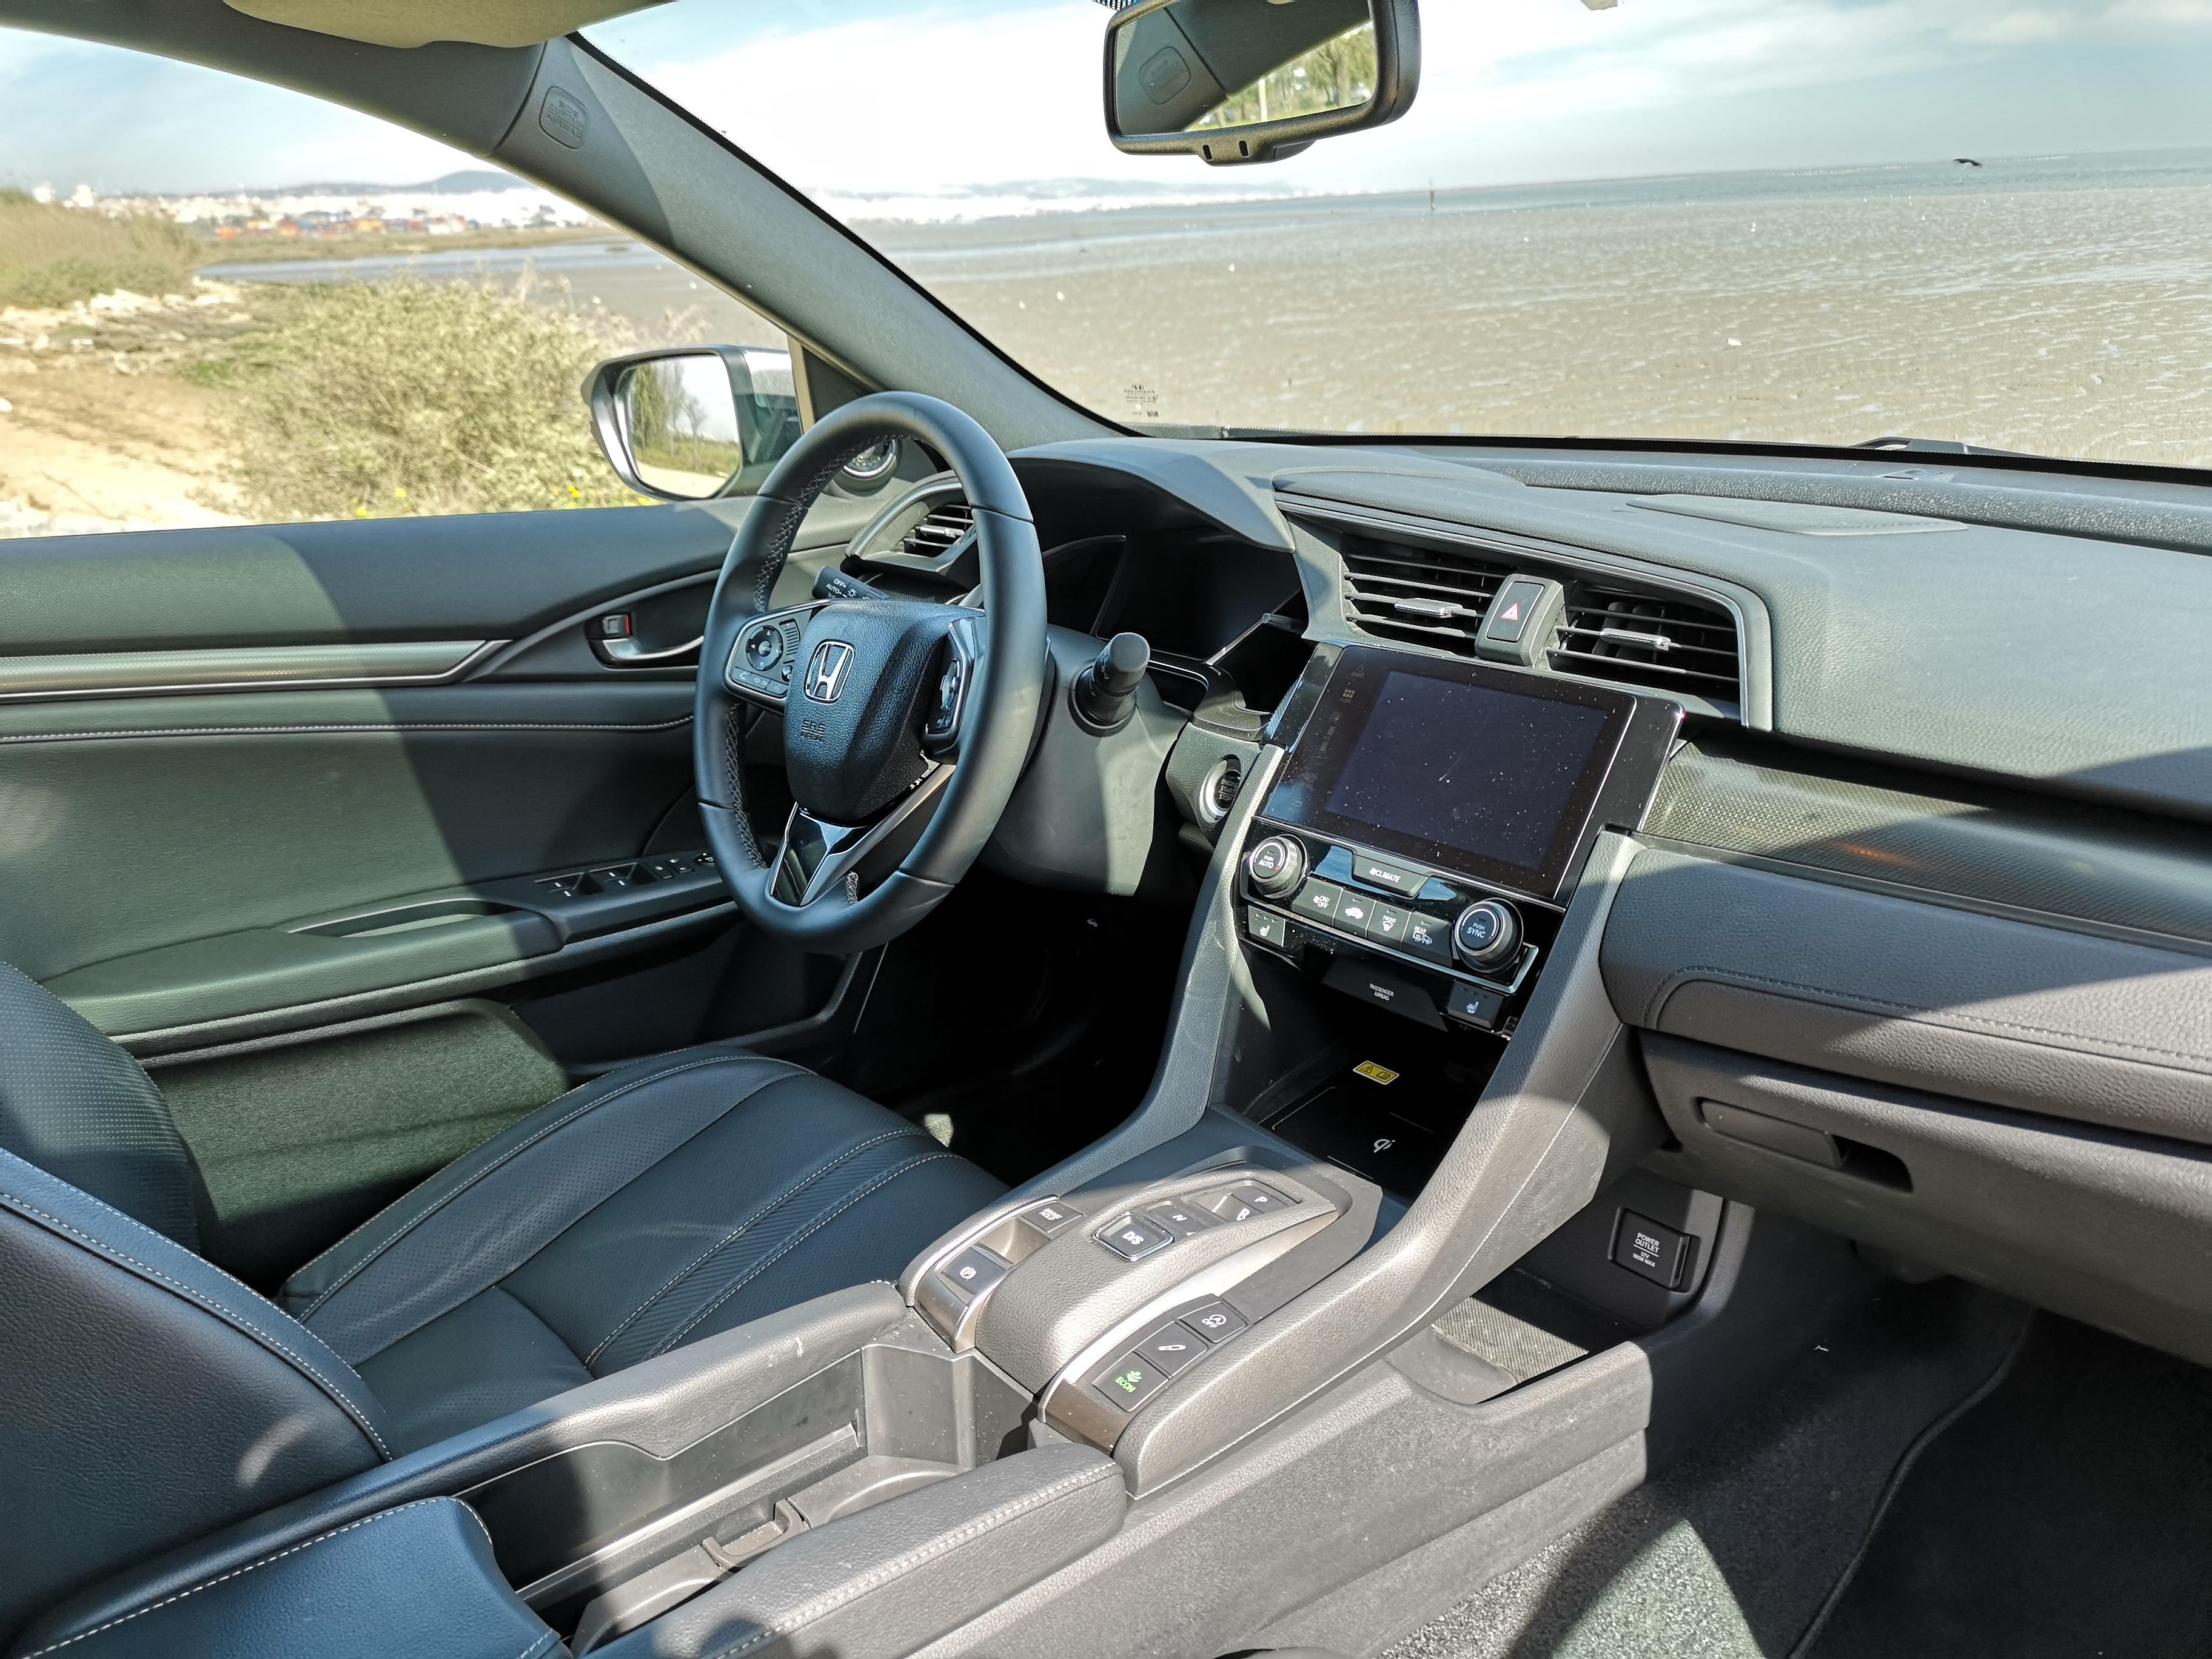 Honda Civic 1.6 i-DTEC: O diesel que fazia falta